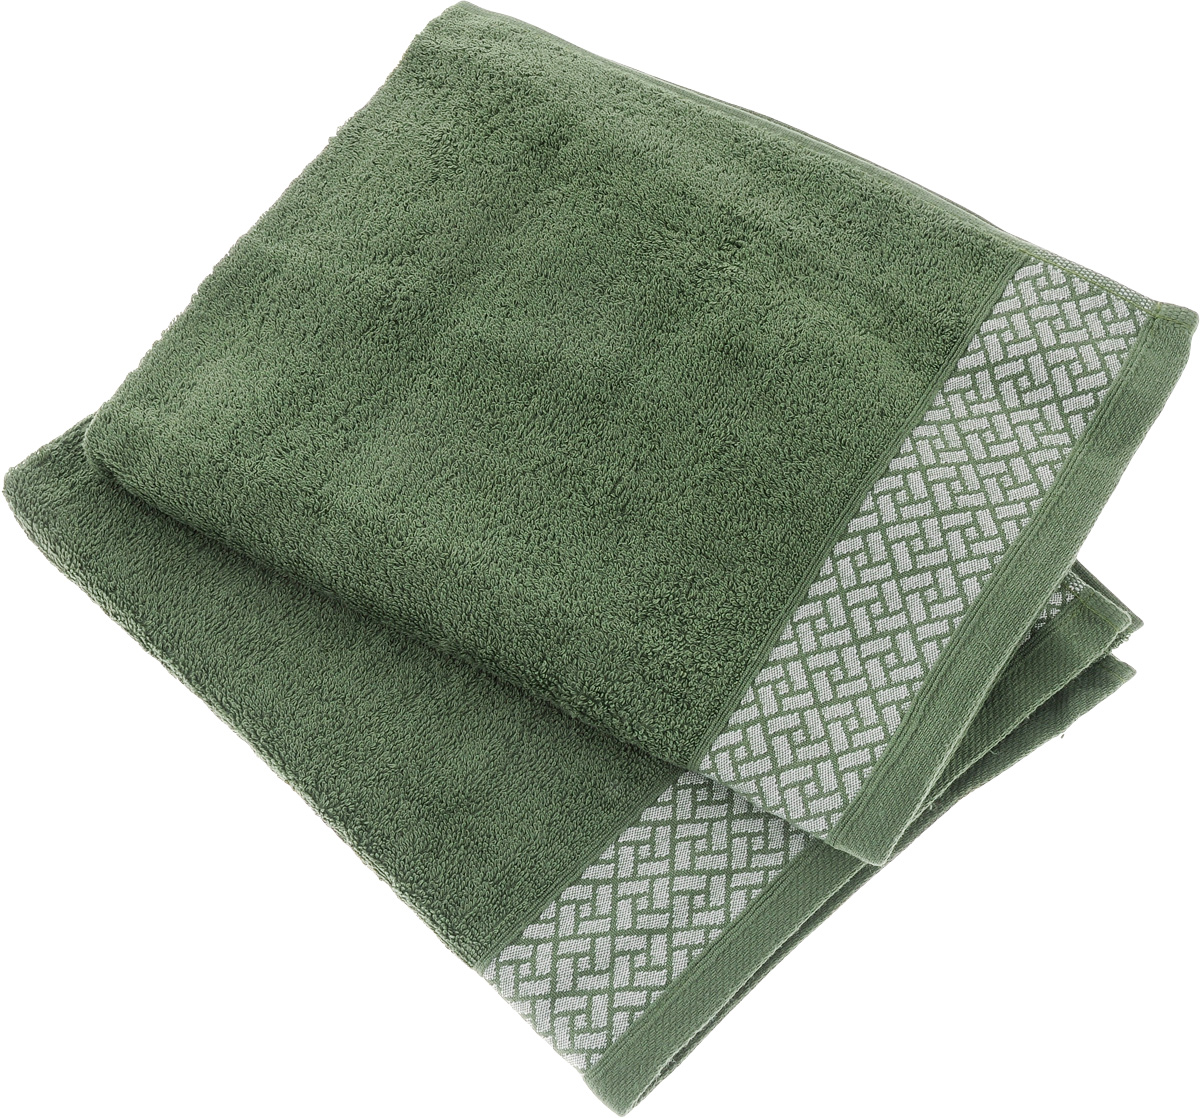 Набор полотенец Tete-a-Tete Лабиринт, цвет: зеленый, 2 шт. УНП-105УП-002-01кНабор Tete-a-Tete Лабиринт состоит из двух махровыхполотенец, выполненных из натурального 100% хлопка.Изделия мягкие, отлично впитывают влагу, быстро сохнут,сохраняют яркость цвета и не теряют форму даже послемногократных стирок. Данный дизайн был разработан, как мужская линейка, - строгиенасыщенные цвета и геометрический рисунок на бордюре.Набор полотенец Tete-a-Tete Лабиринт станетпрекрасным дополнением в дизайне ванной комнаты.